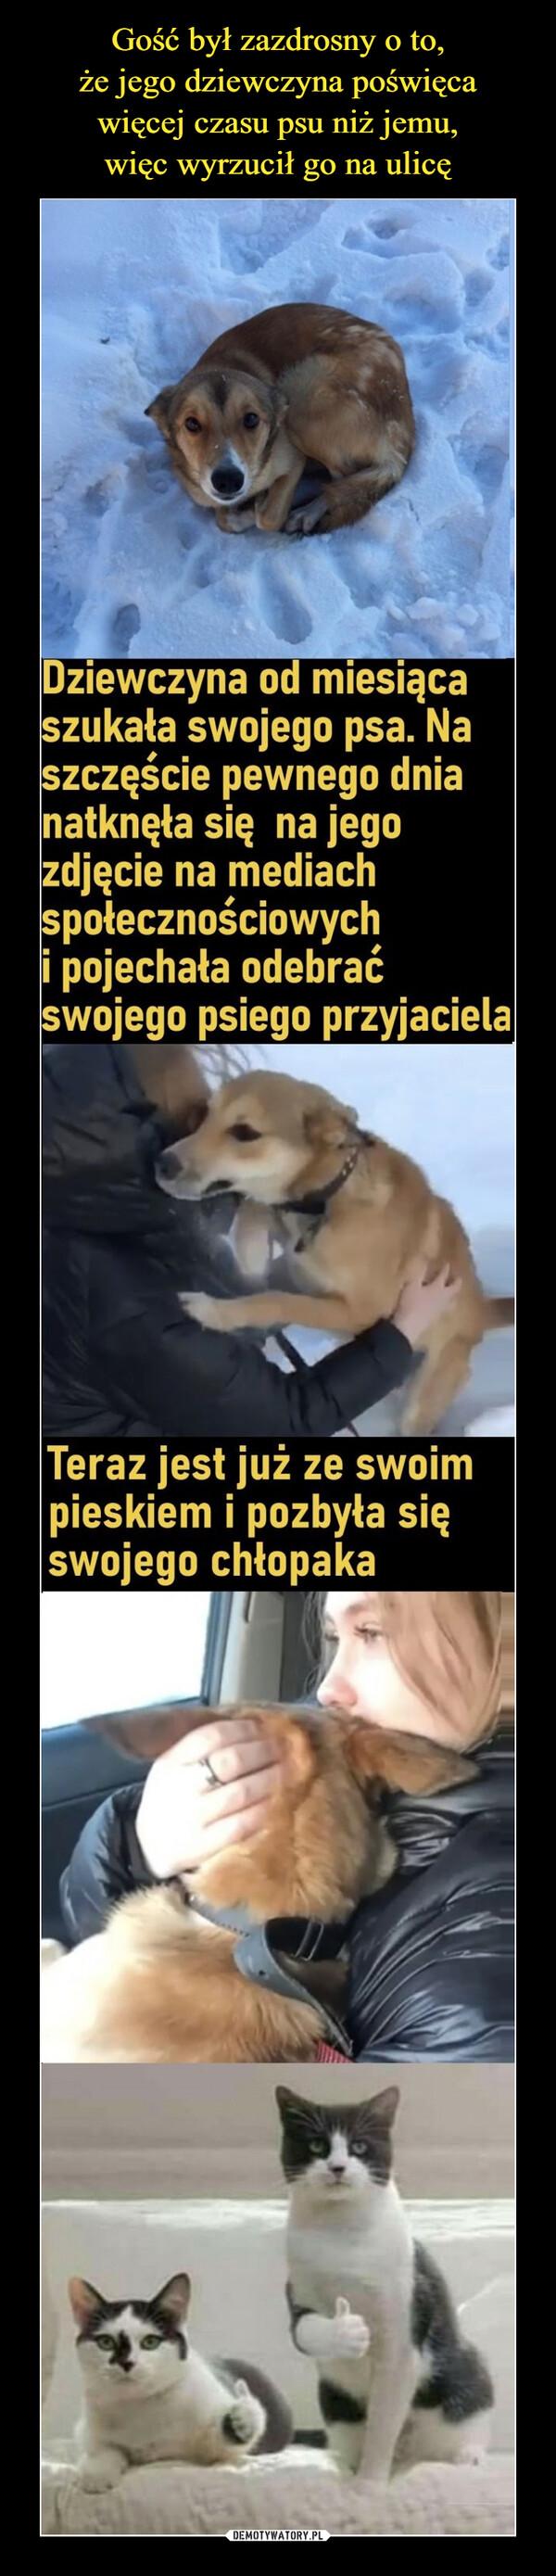 –  Dziewczyna od miesiącaszukała swojego psa. Naszczęście pewnego dnianatknęła się na jegozdjęcie na mediachspołecznościowychi pojechała odebraćswojego psiego przyjacielaTeraz jest już ze swoimpieskiem i pozbyła sięswojego chłopaka